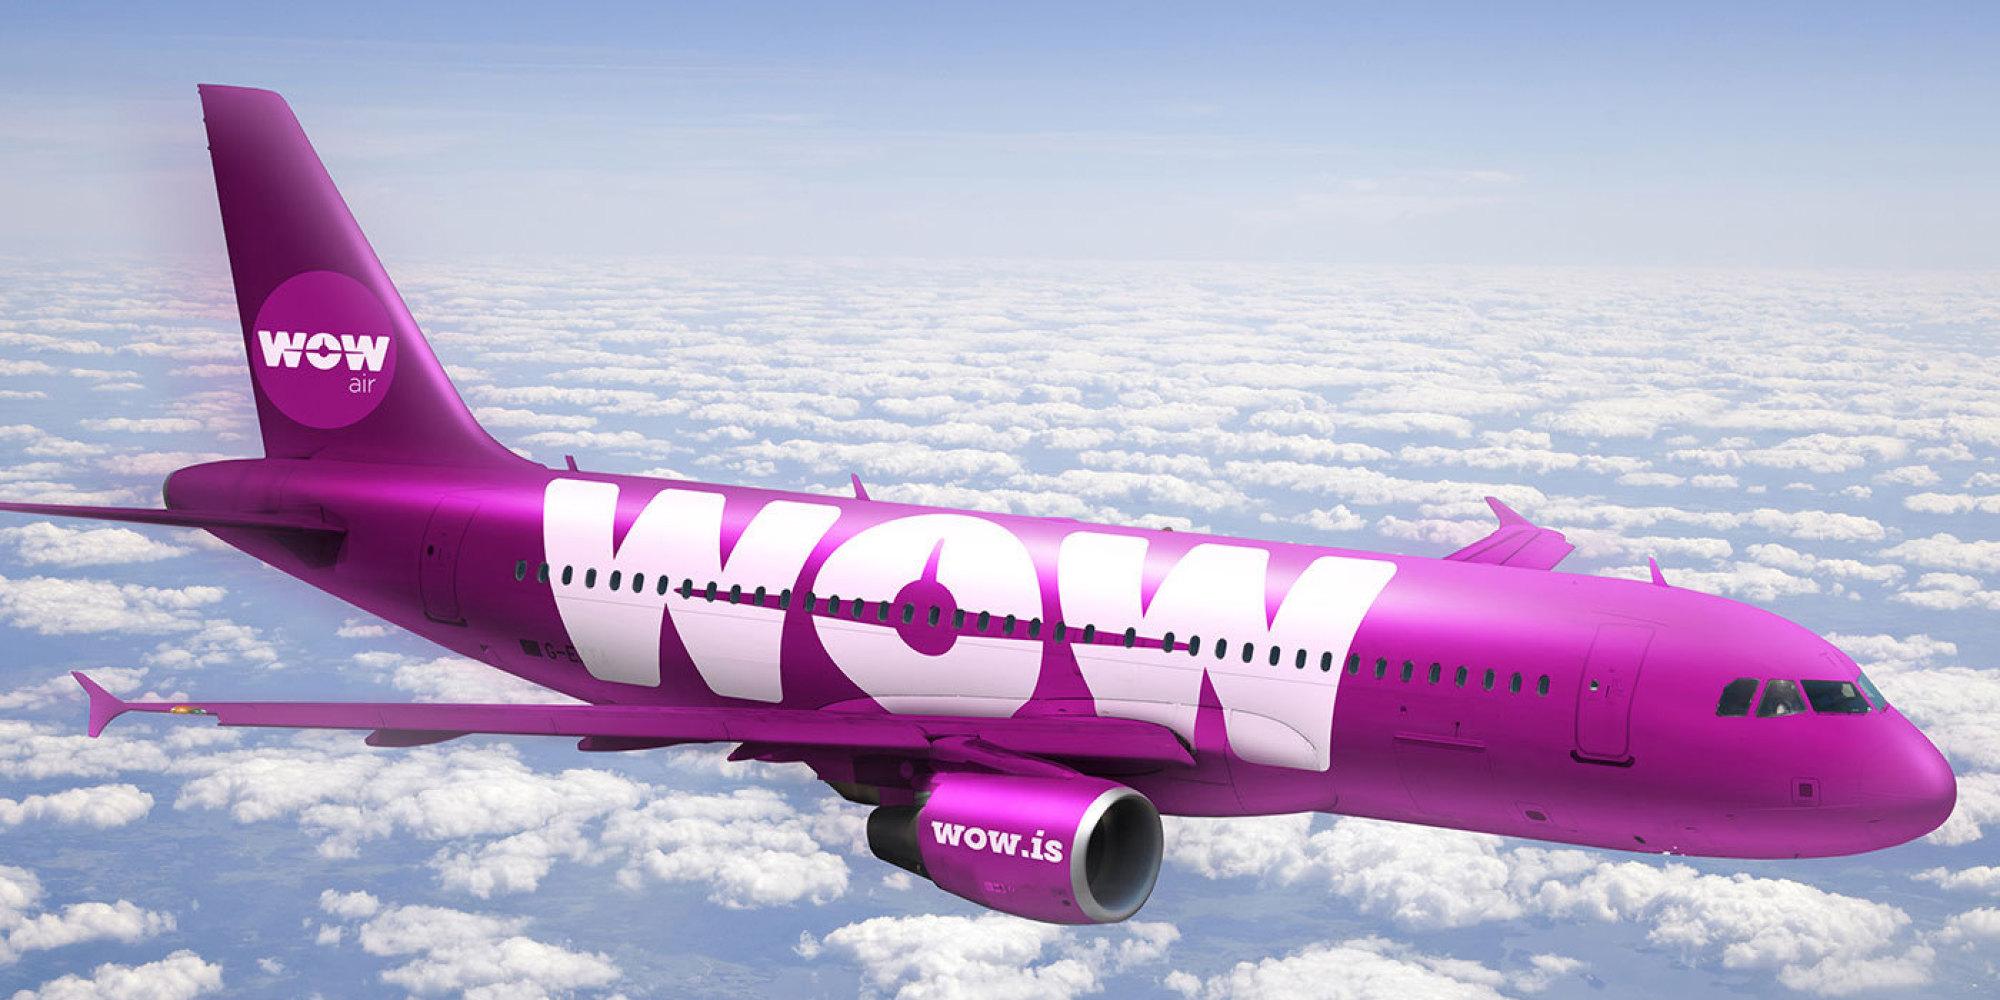 wow-air